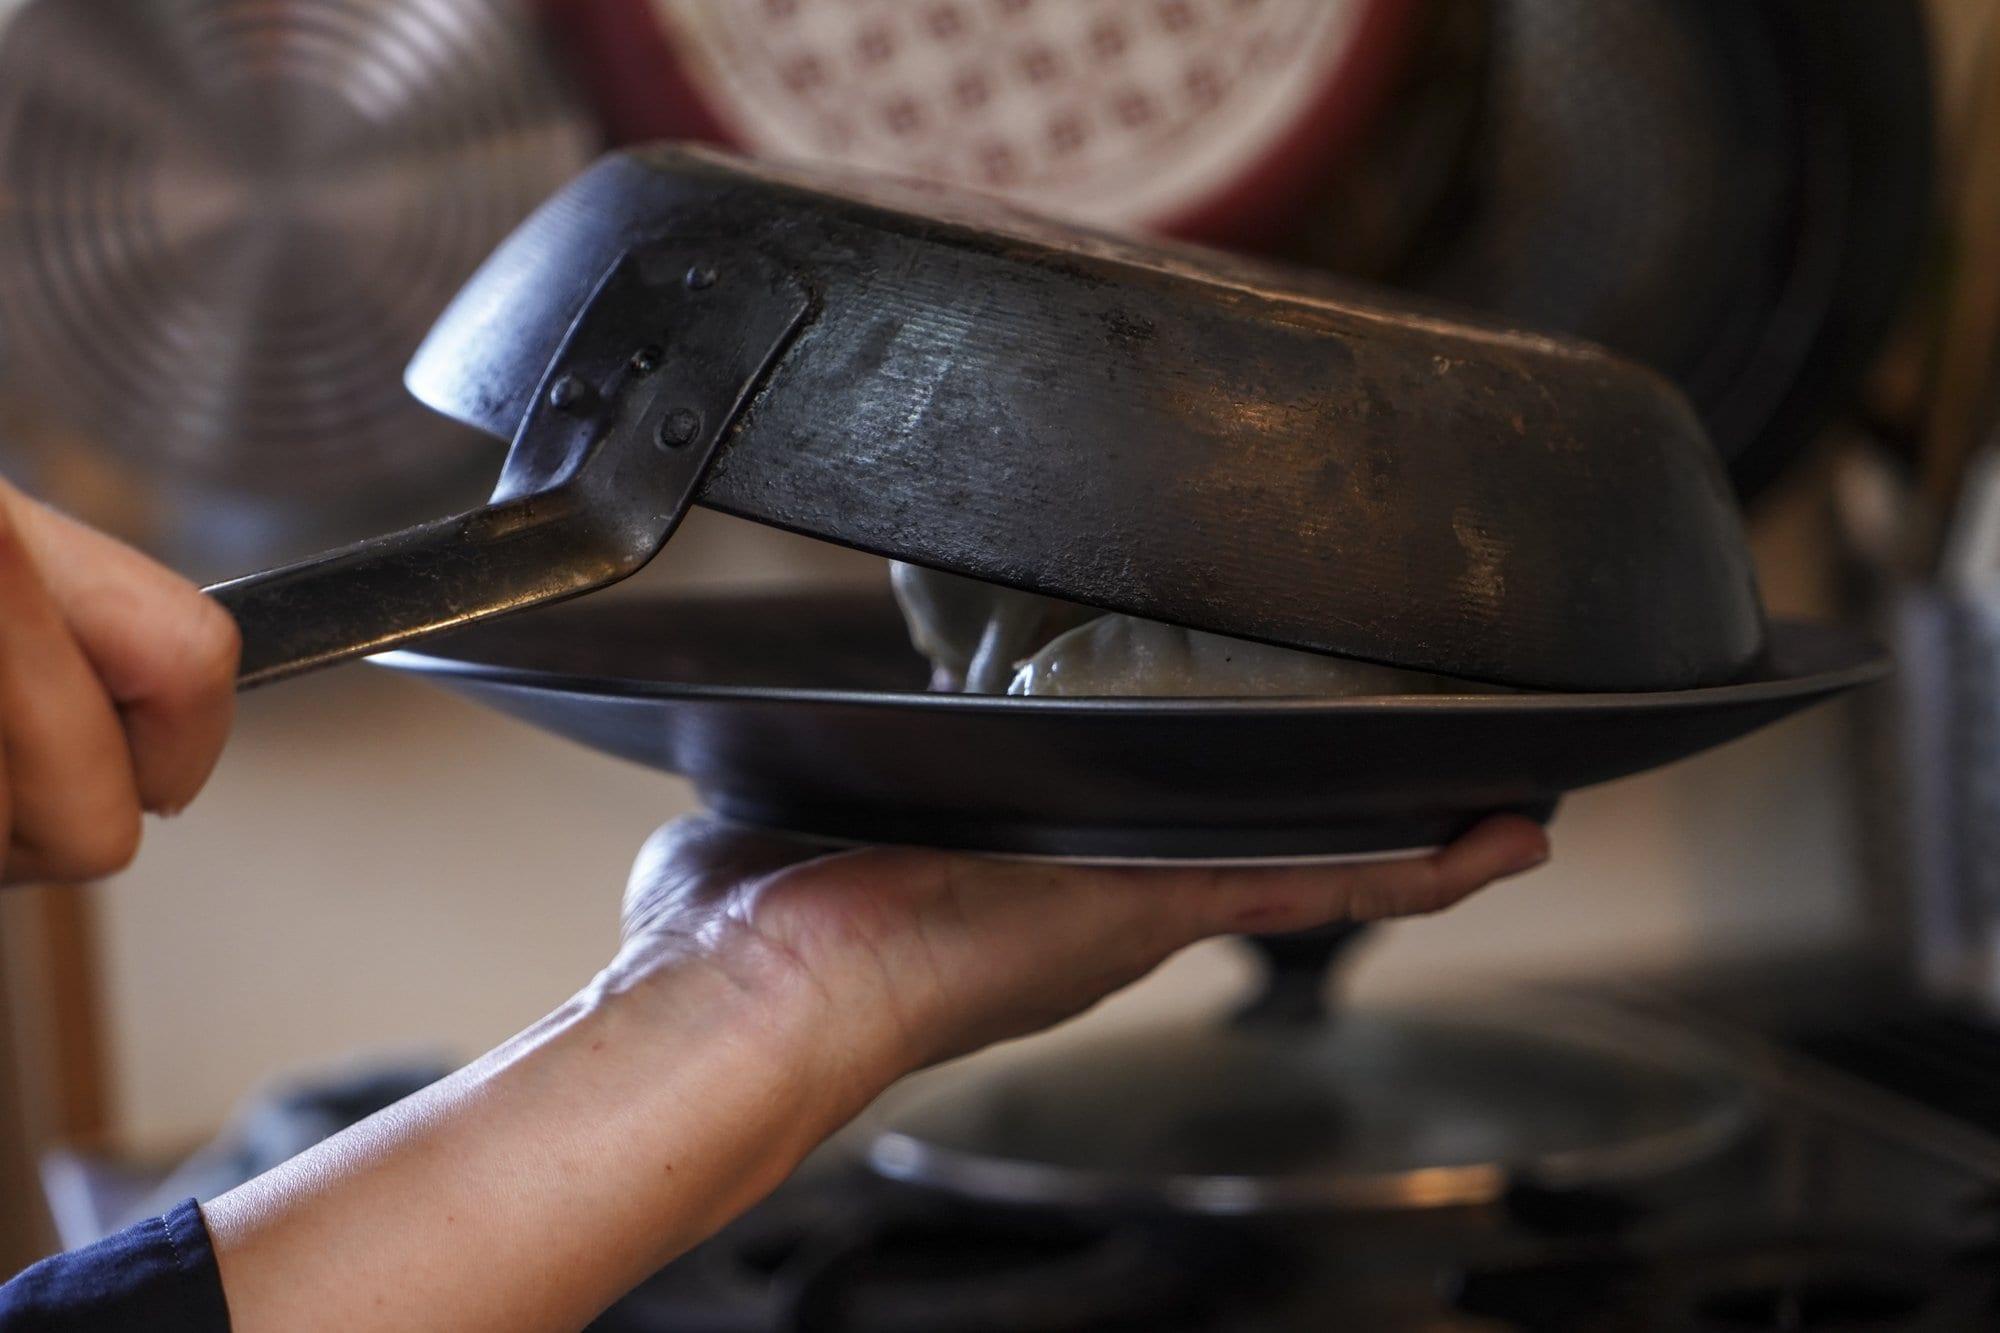 お皿をフライパンに乗せたらさあ!いよいよ出来上がりです!